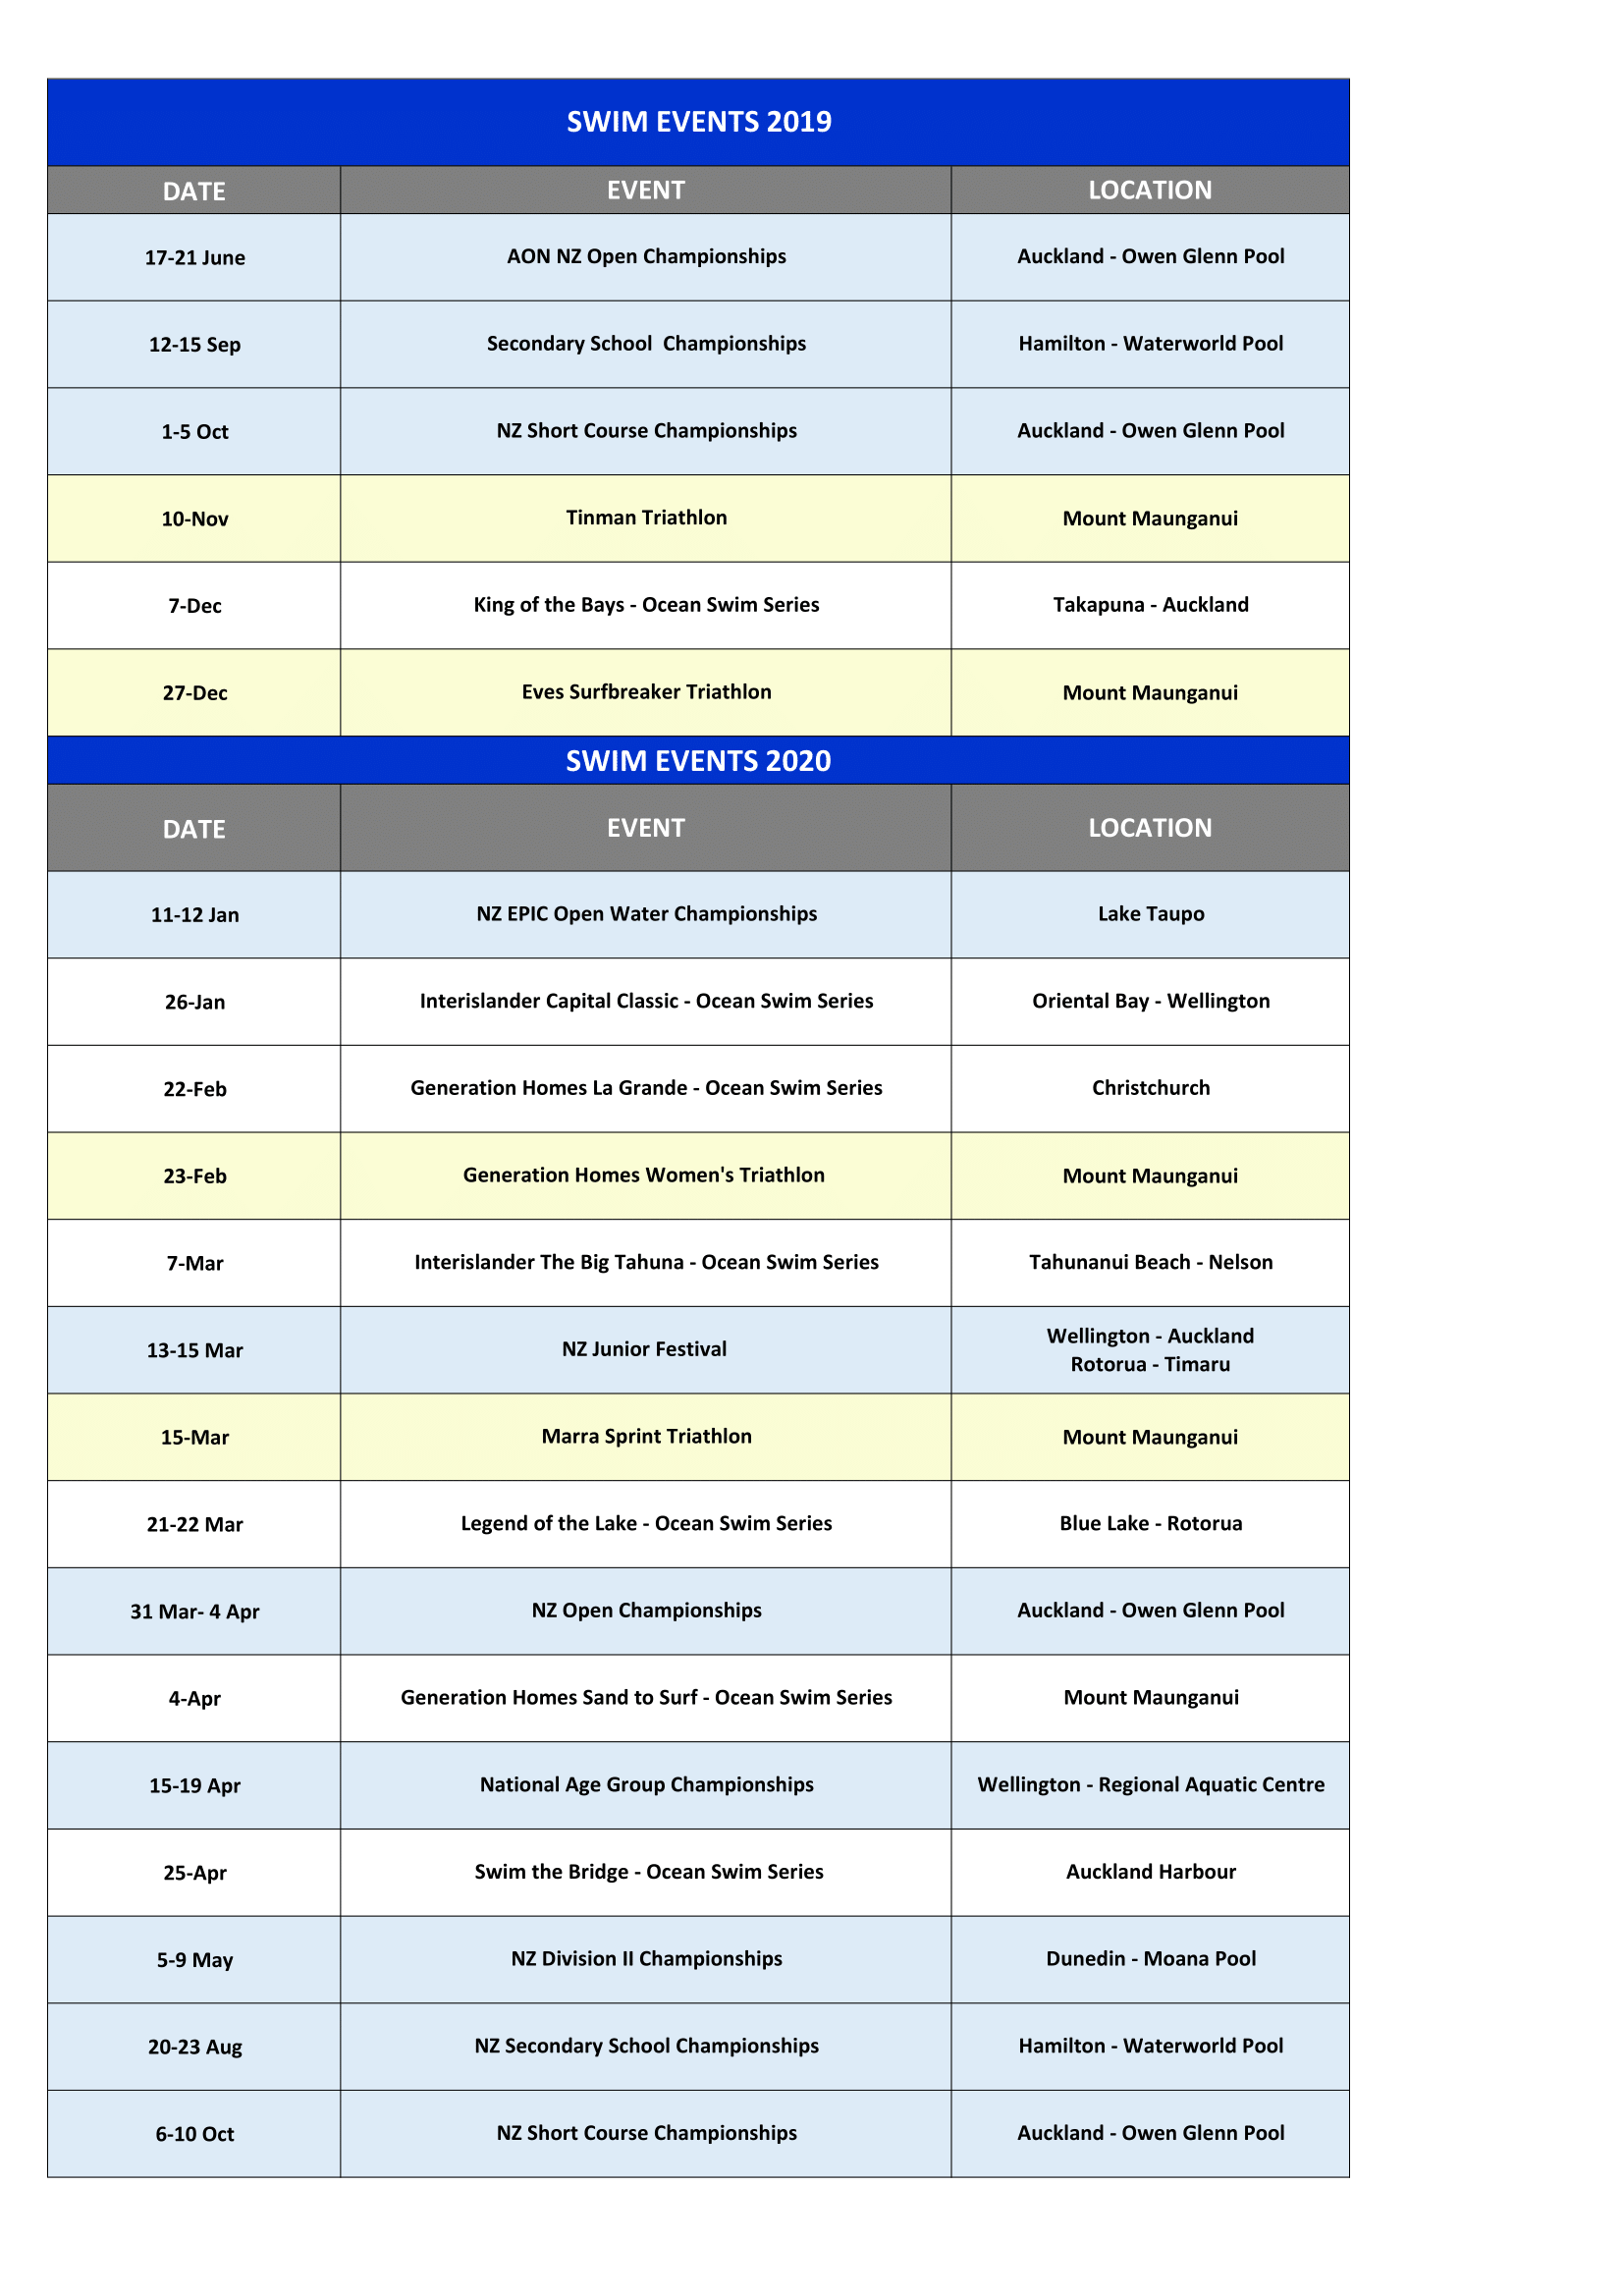 events-calendar-2019-2020.png